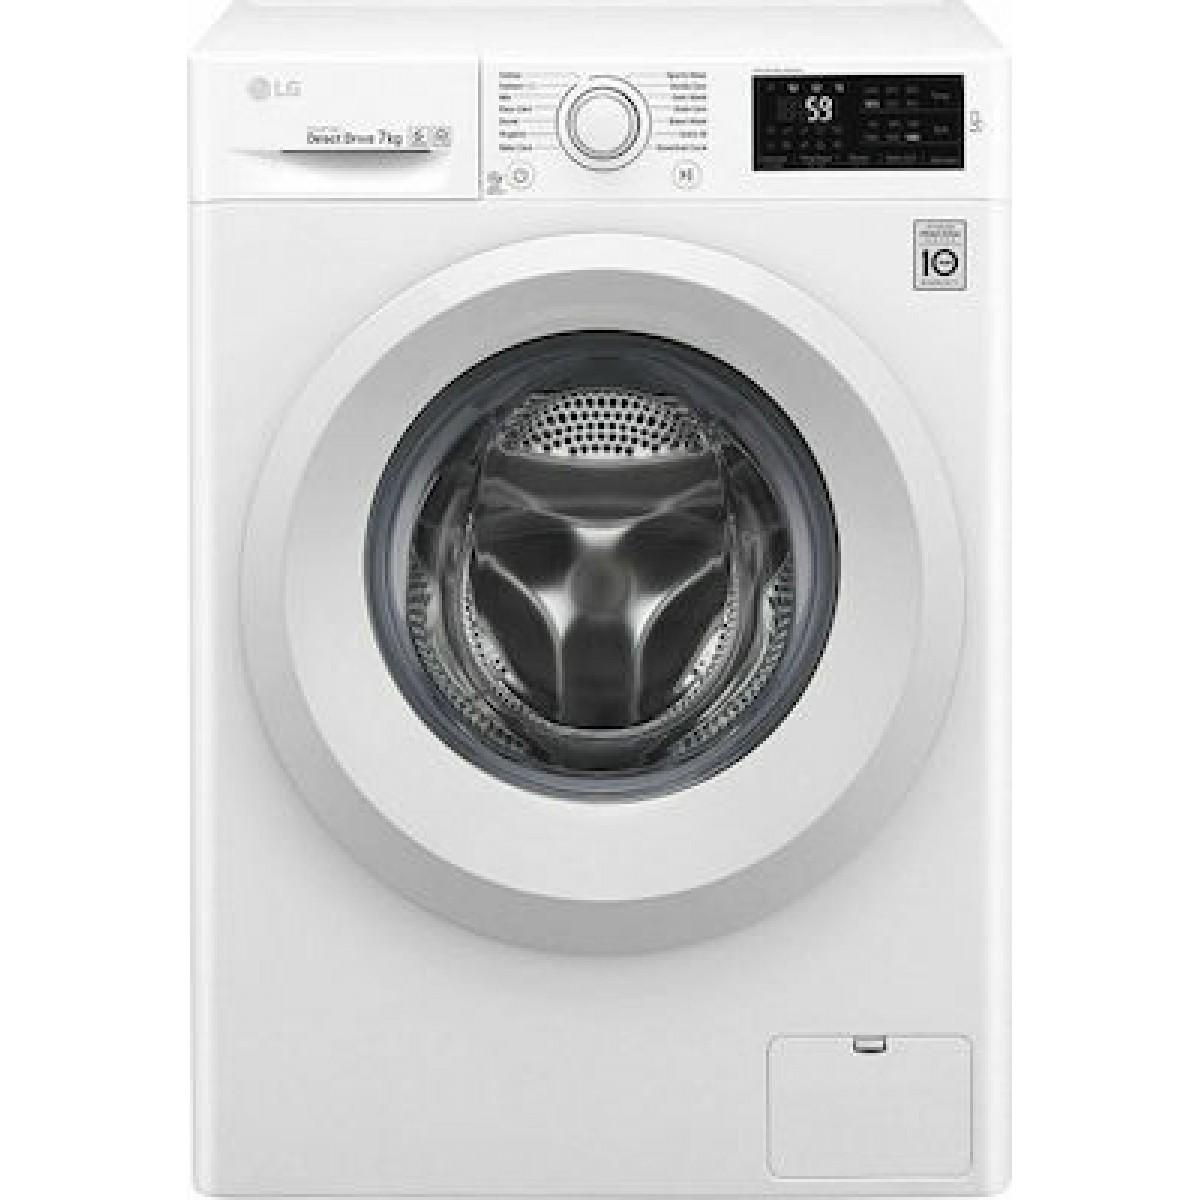 Πλυντήριο Ρούχων LG F4WV207N3E 7kg 1400rpm A+++ Πλυντήρια ρούχων